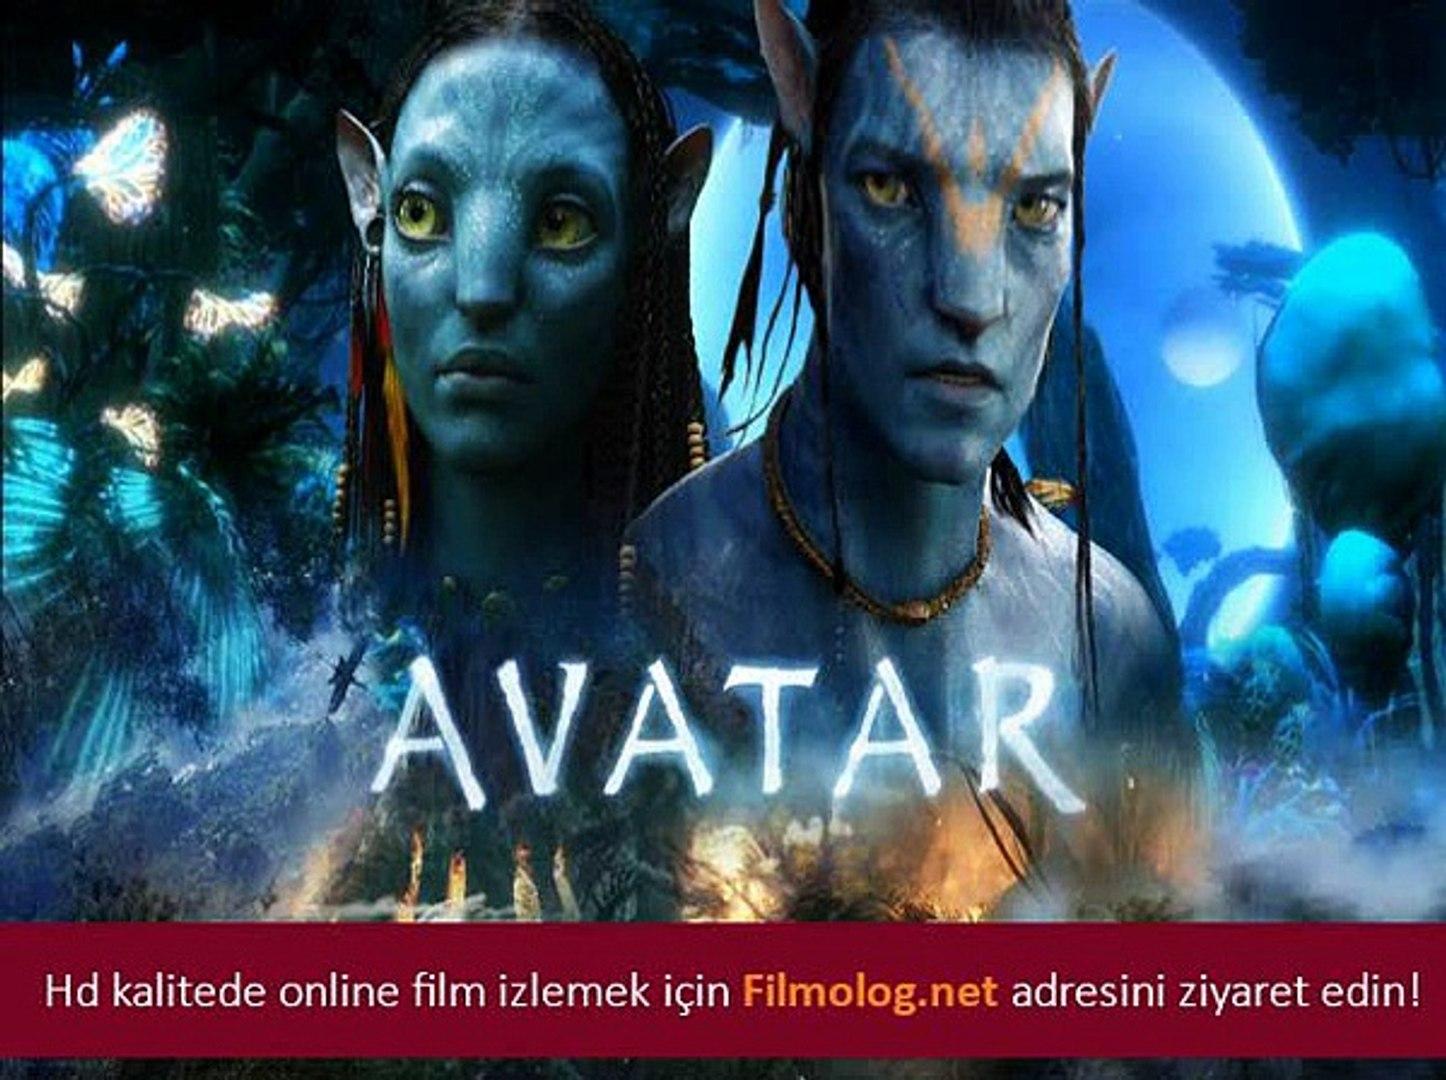 Yabanci sinema turkce dublaj